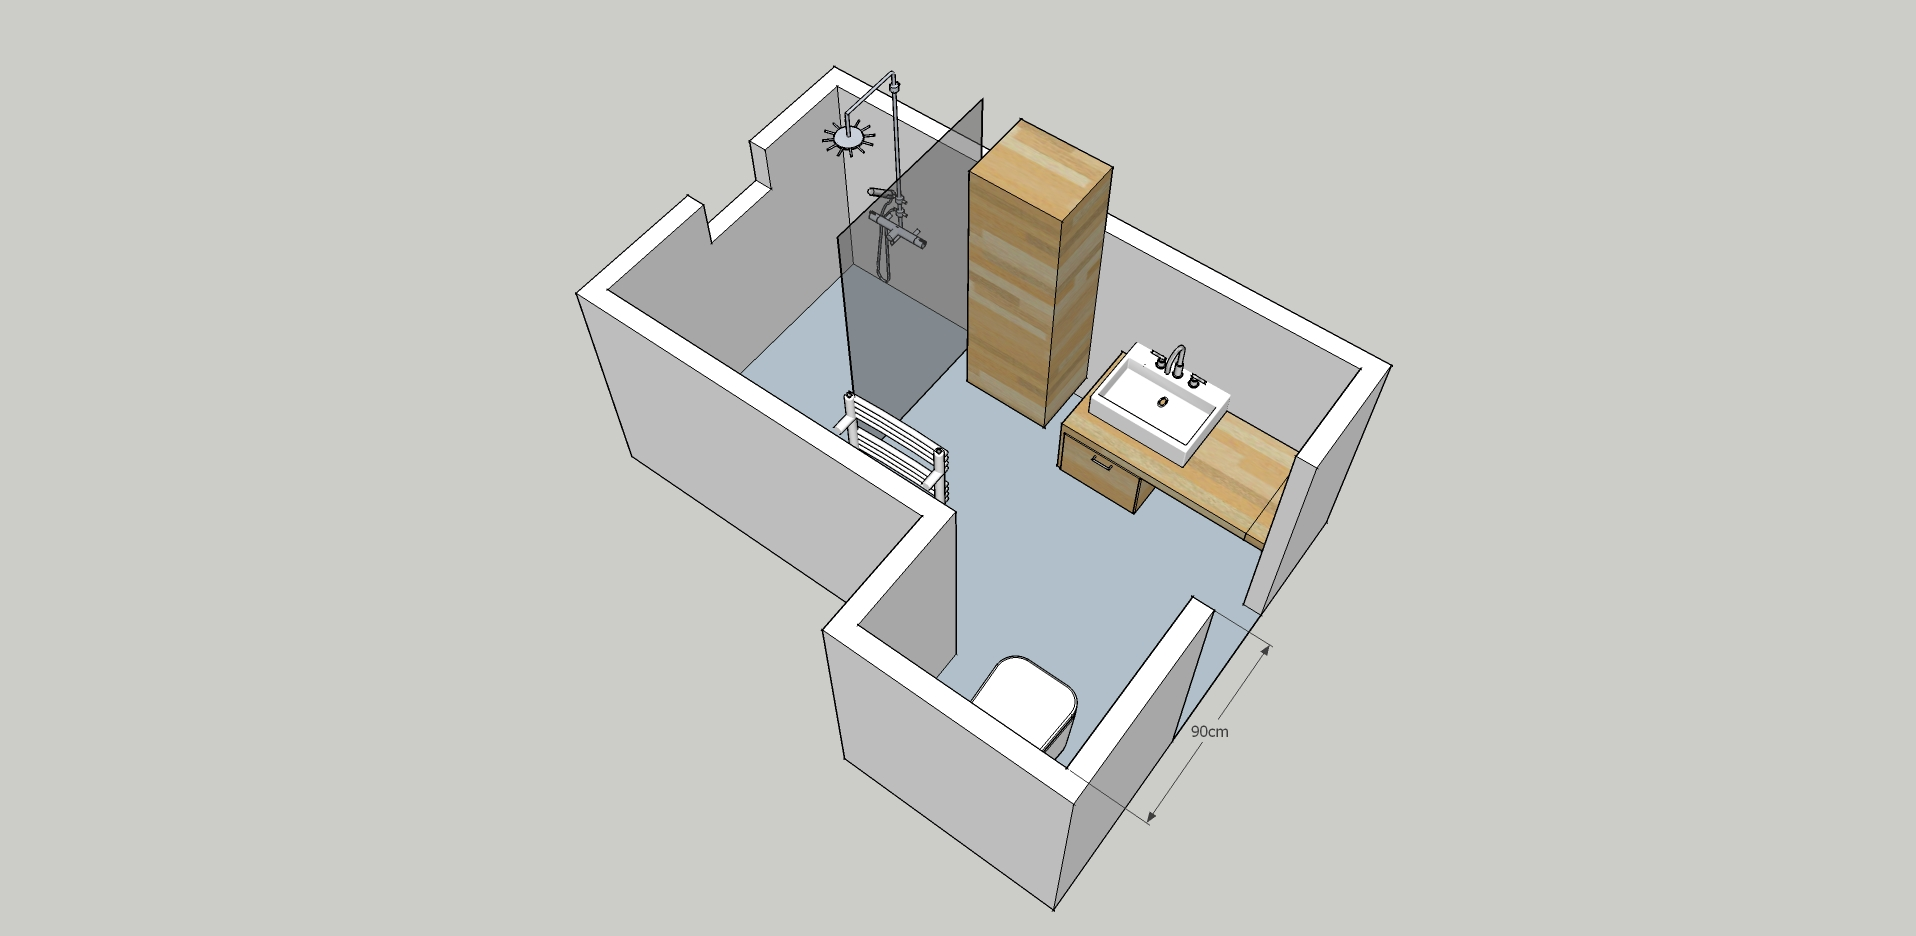 Sehr Plan d'aménagement petit salle d'eau 5,6m2 - 26 messages IM55